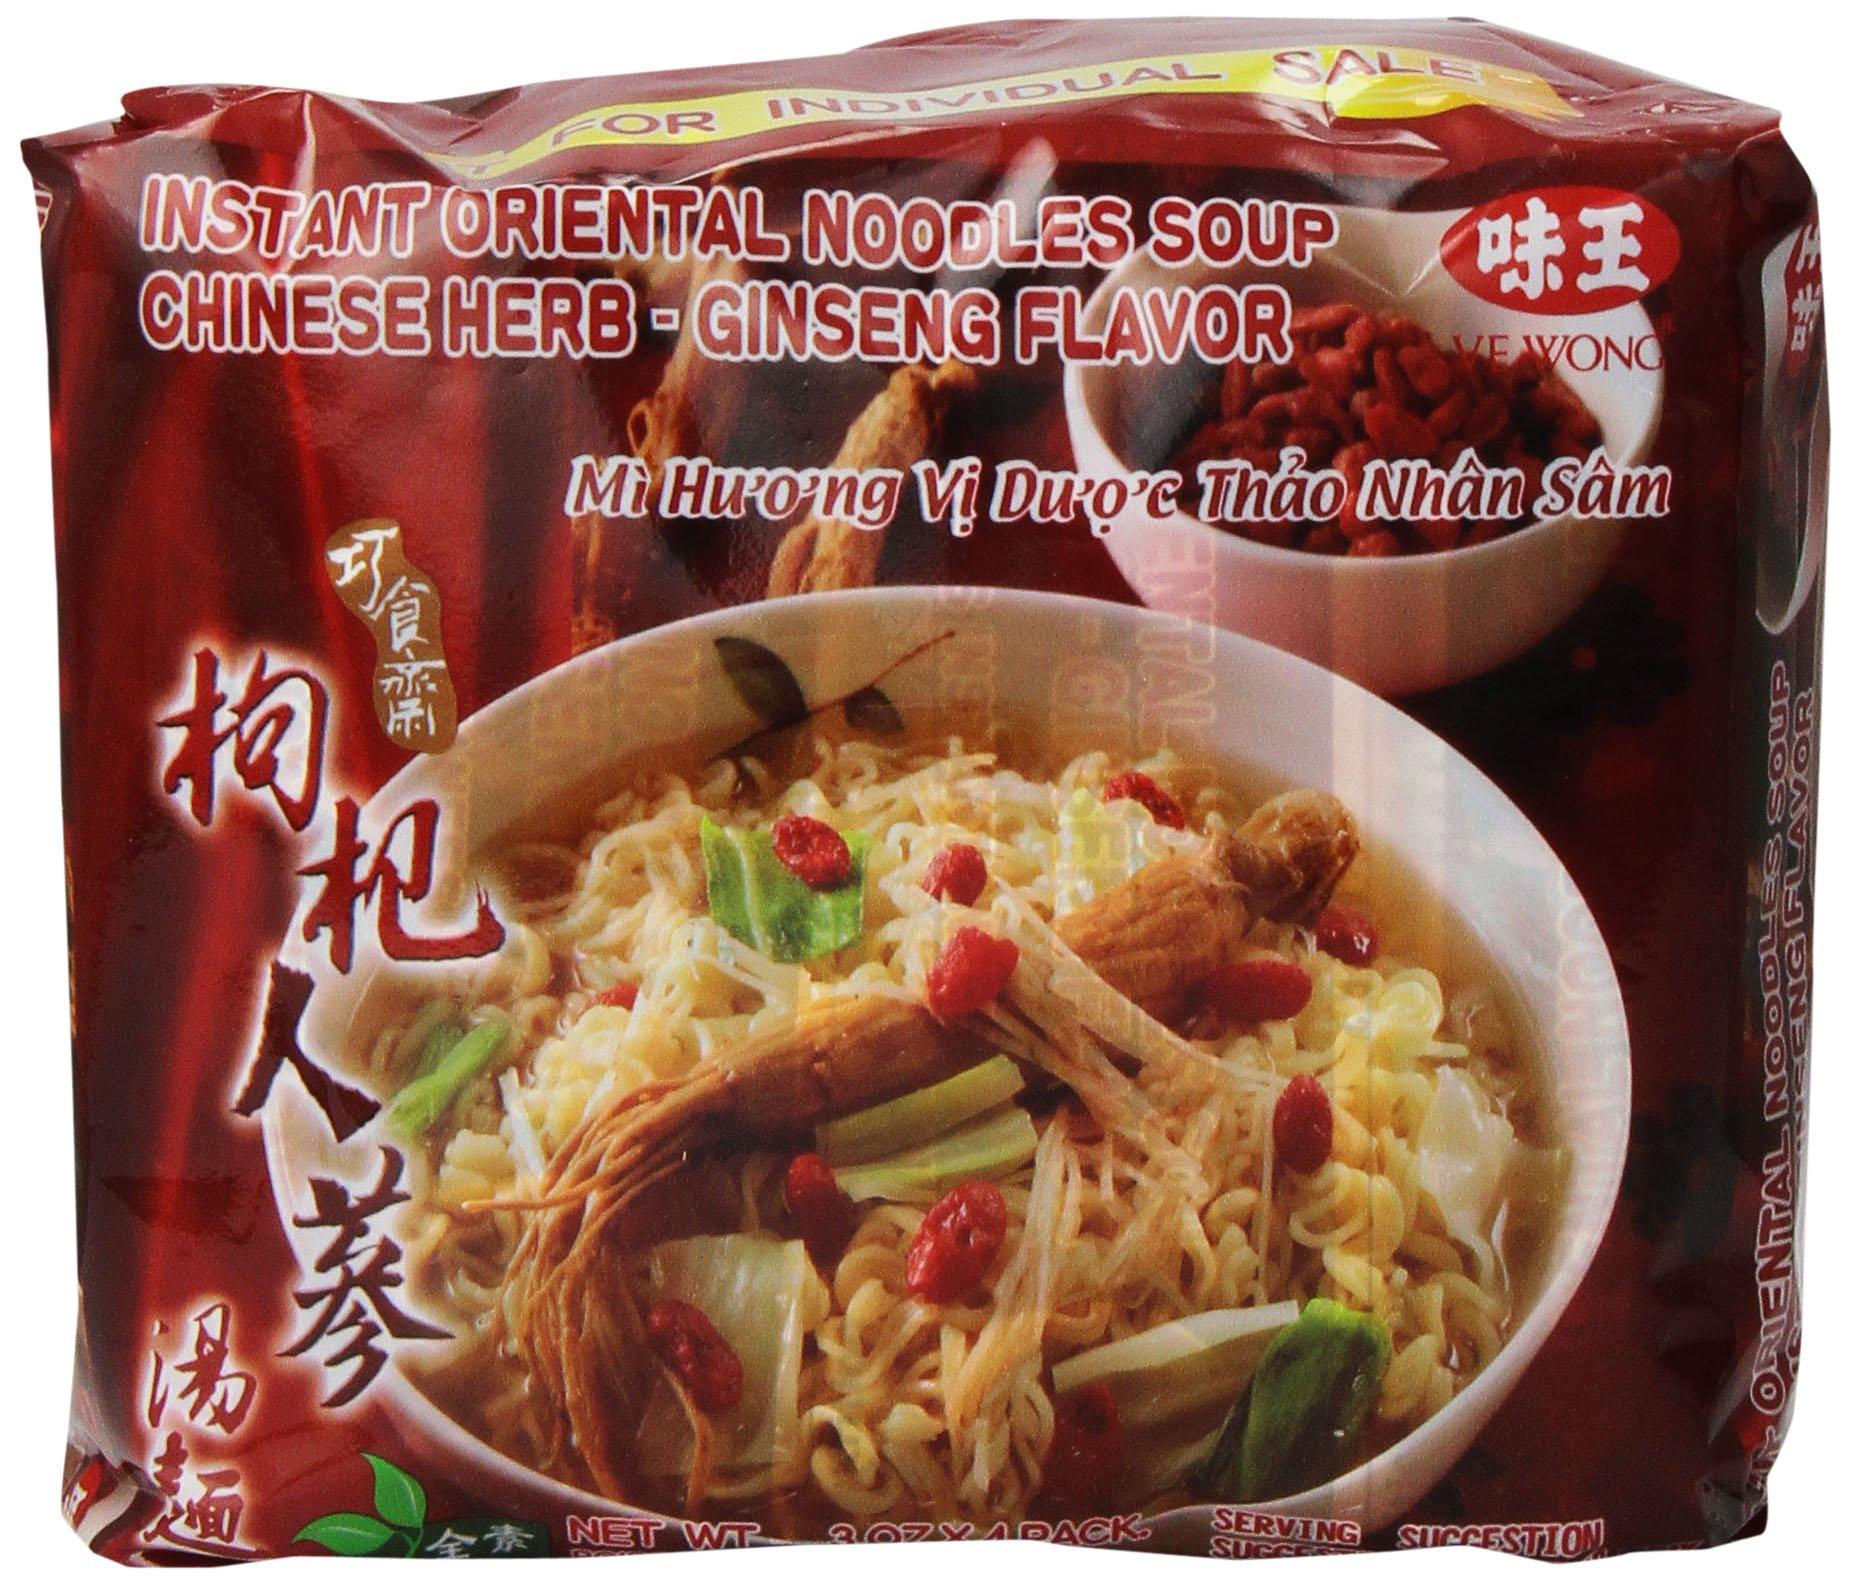 Amazon.com : Ve Wong Instant Oriental Noodle Soup